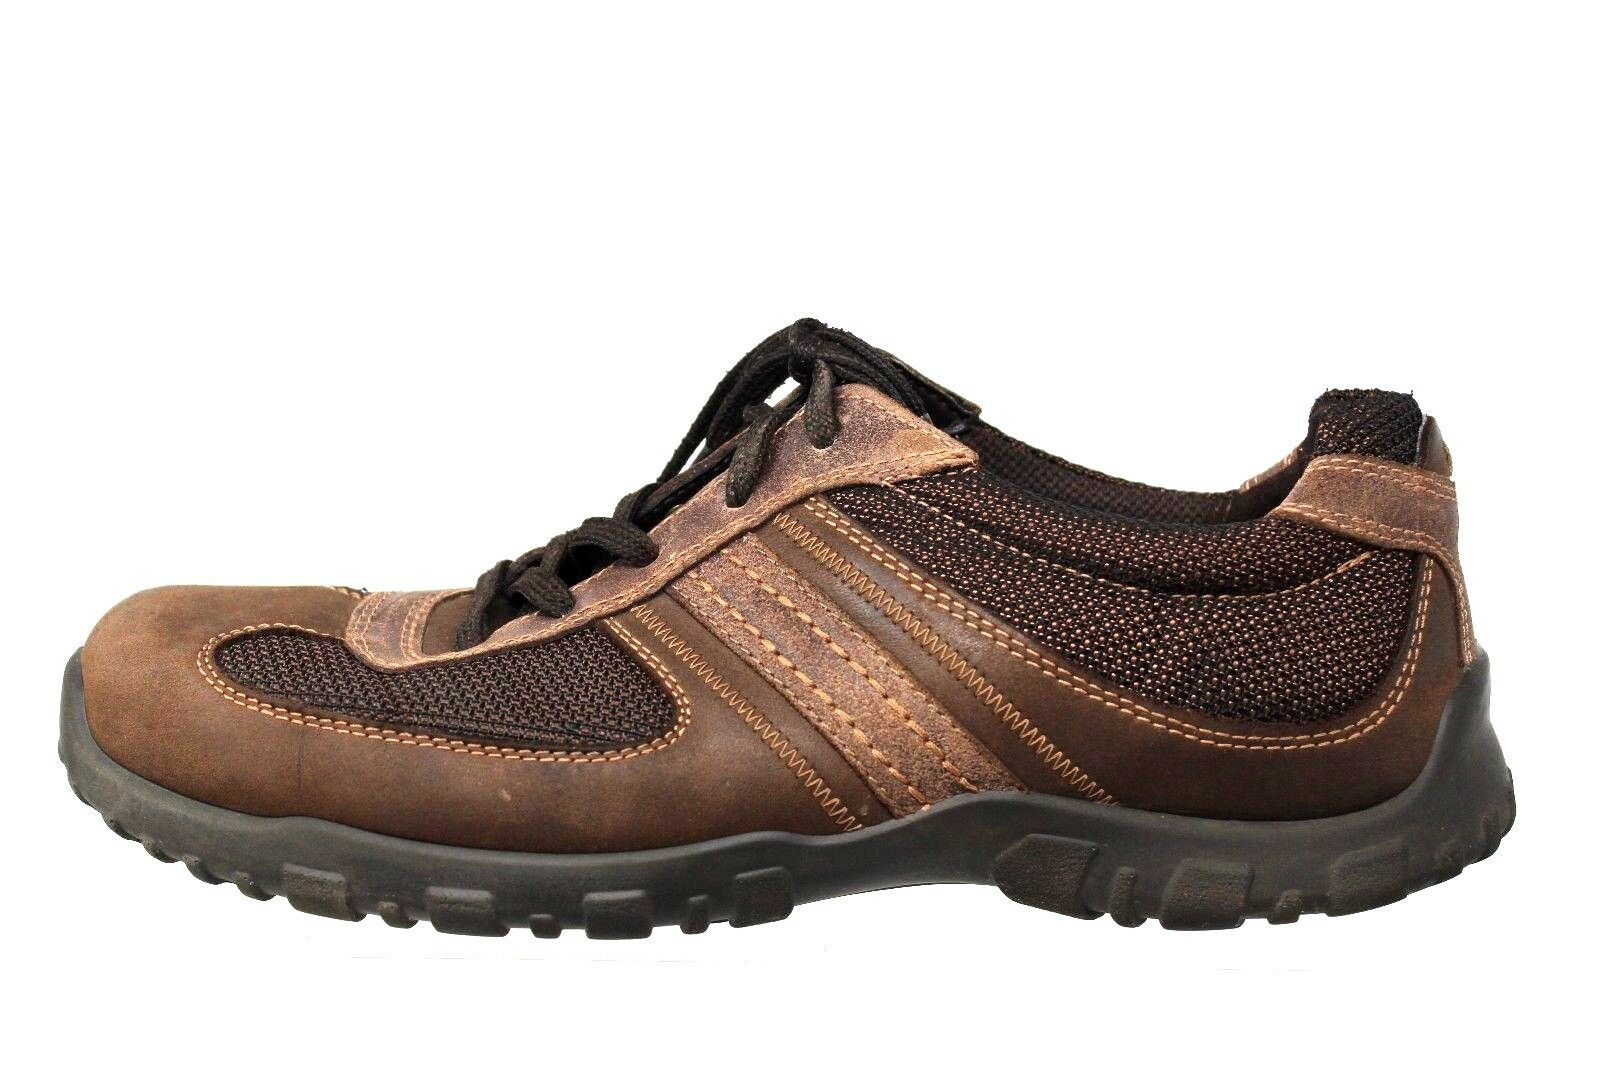 Ecco le di tracce di le pelle marrone delle escursioni a piedi da ginnastica scarpa Uomo sz 47 - 13 / 13,5 6a3447